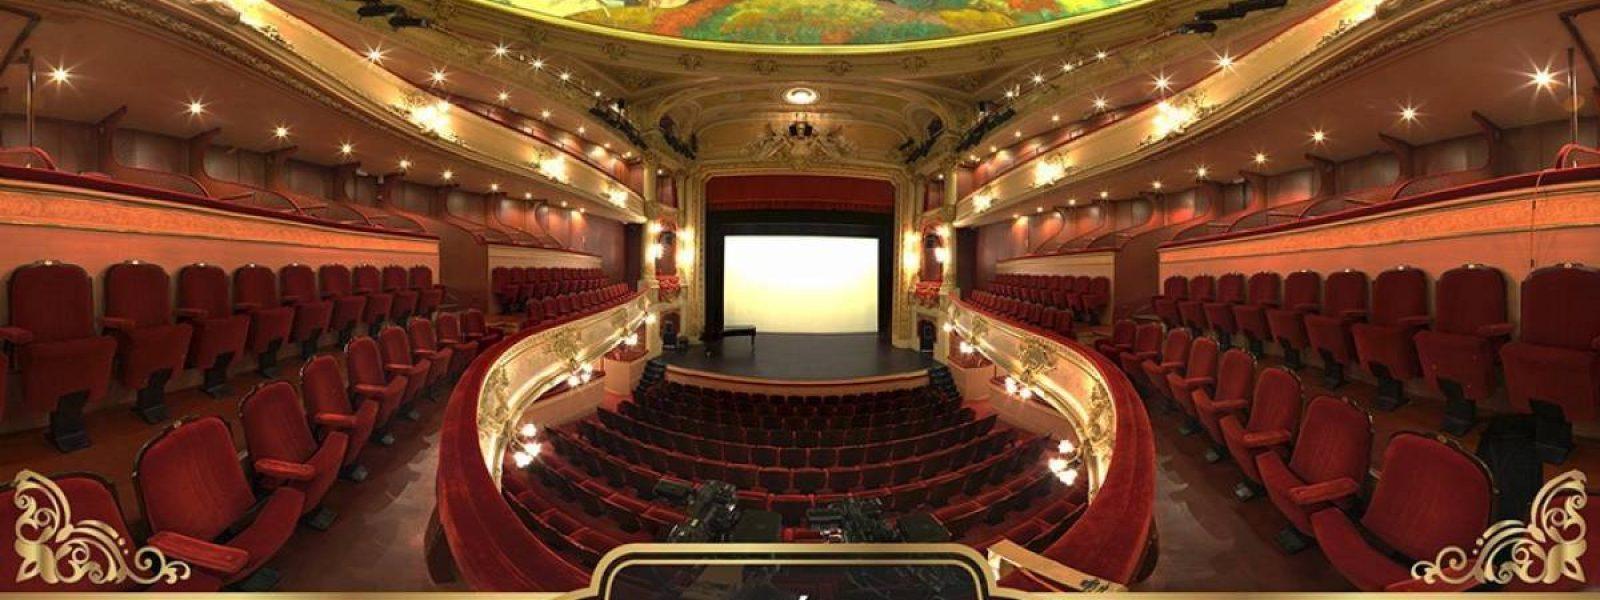 Visitez virtuellement les coulisses de l'opéra